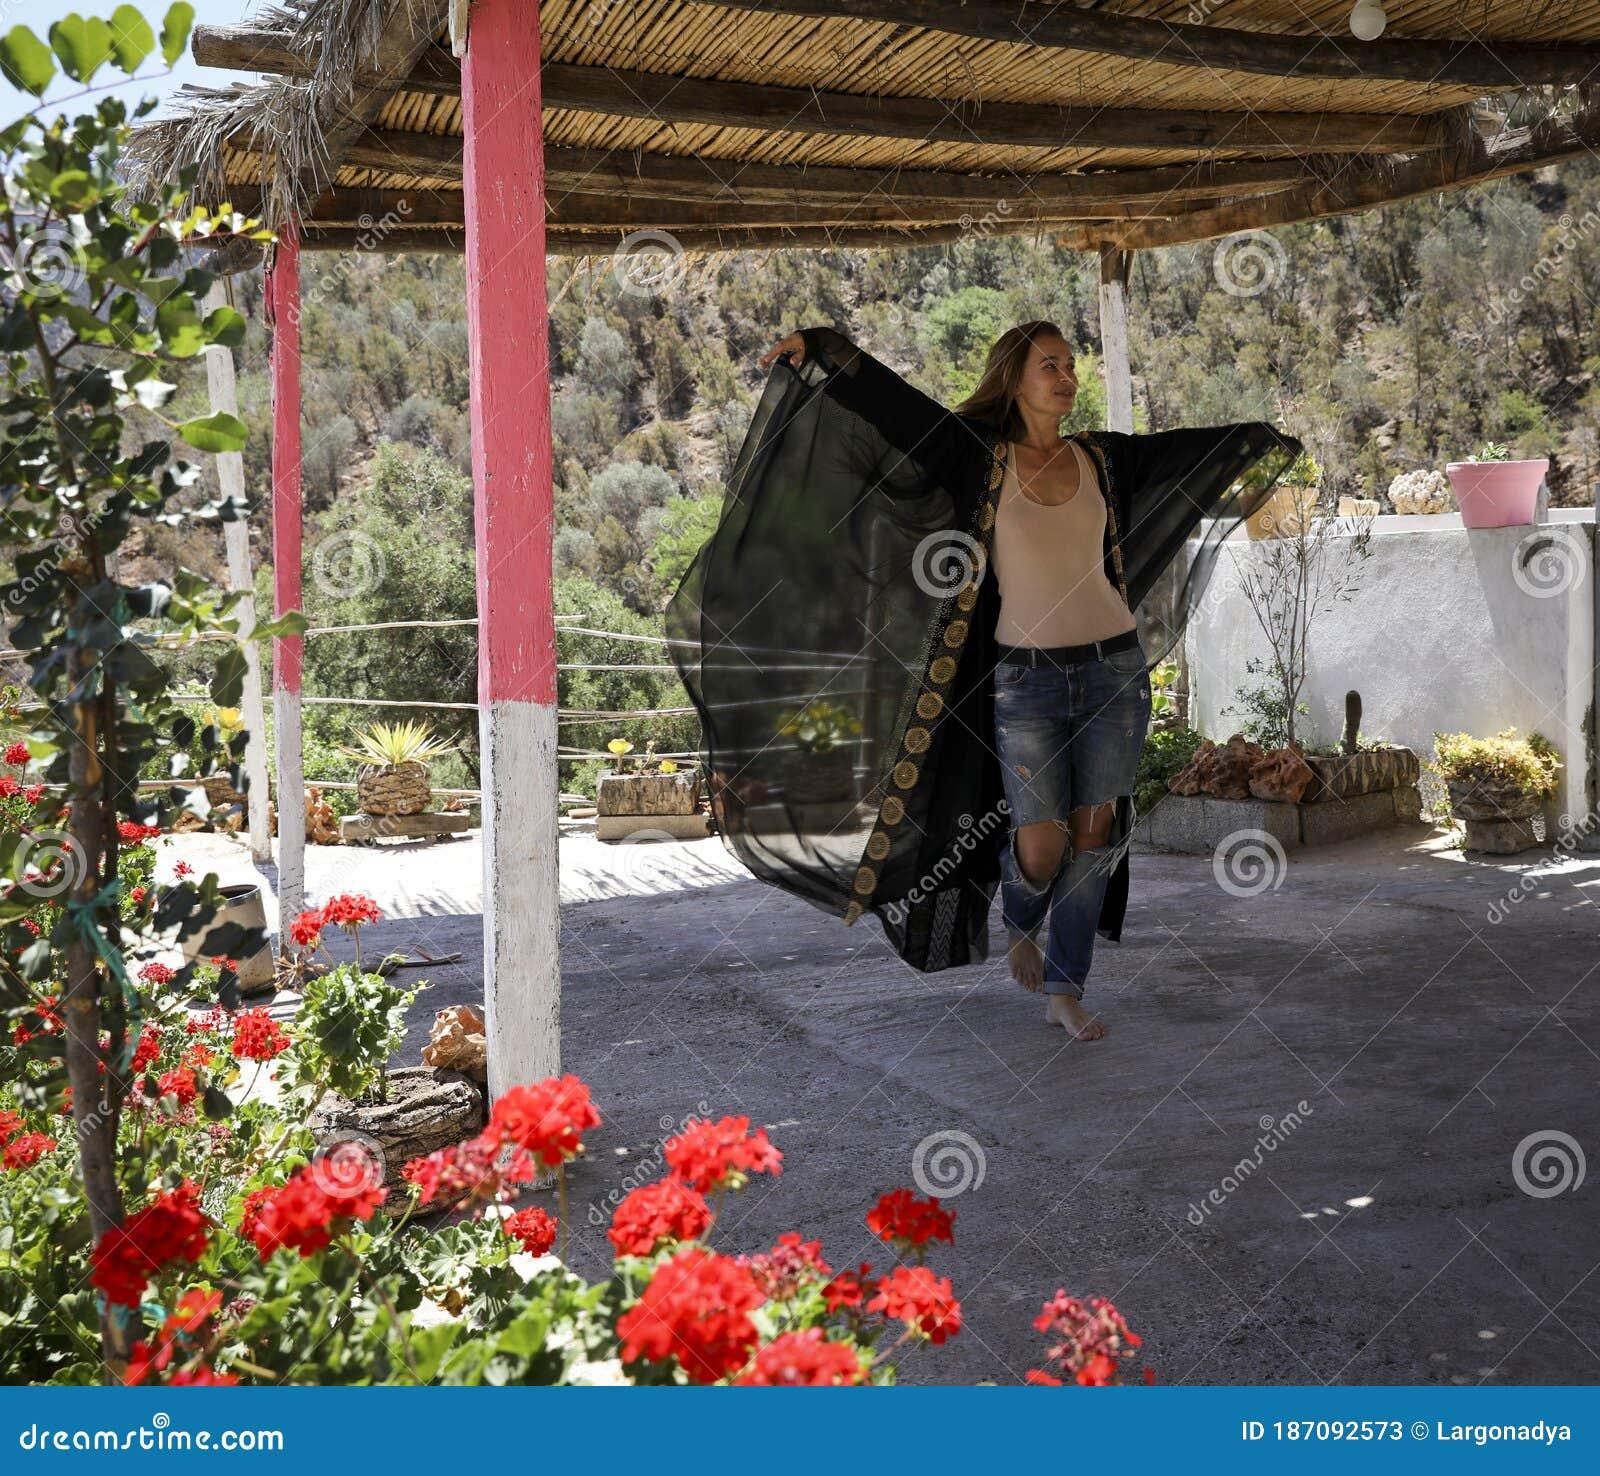 Dating Agadir Woman.)